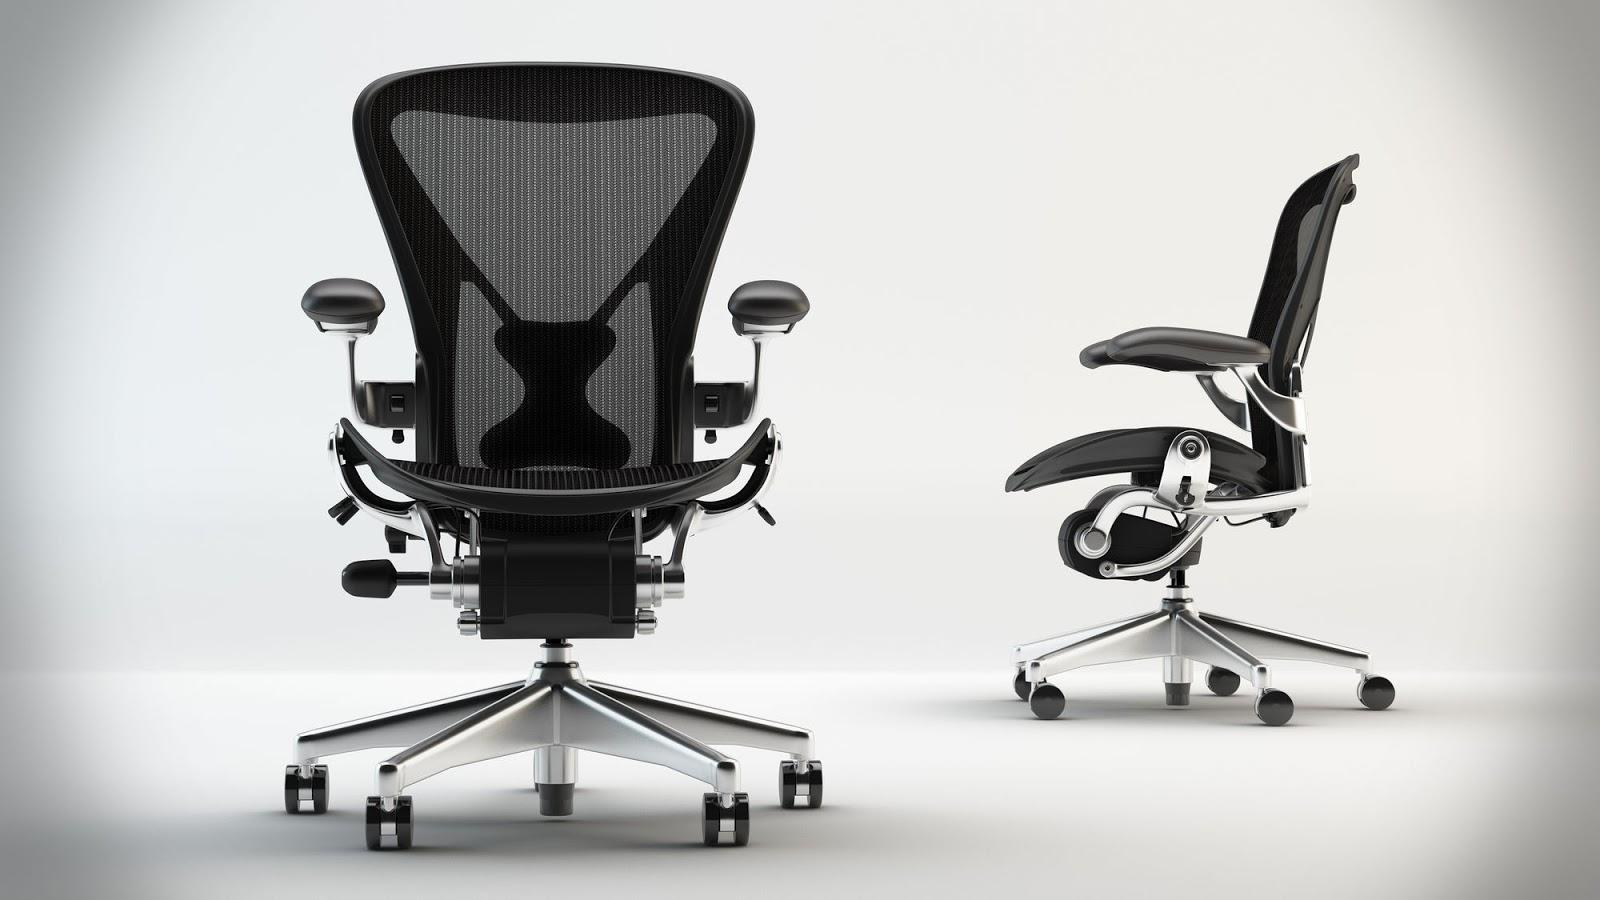 Idee regalo vederli e 39 volerli la migliore sedia da for Sedia design comoda